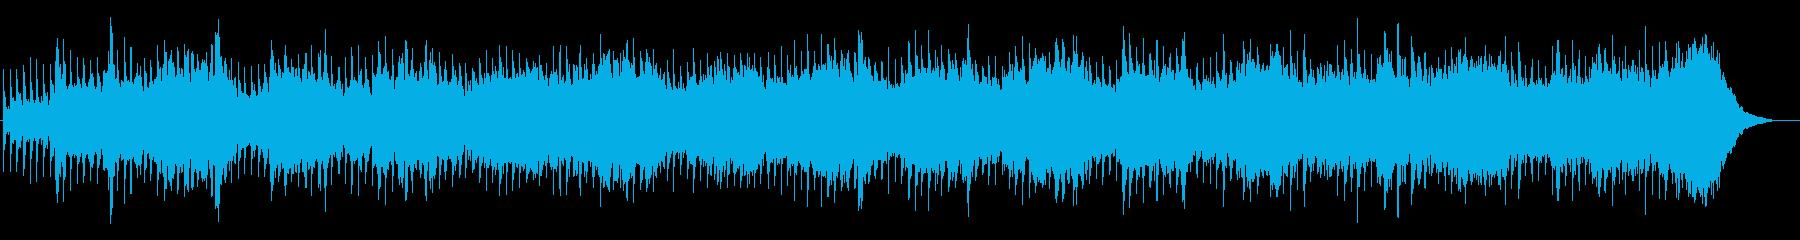 【リズム抜】神秘的、幻想的なアンビエントの再生済みの波形